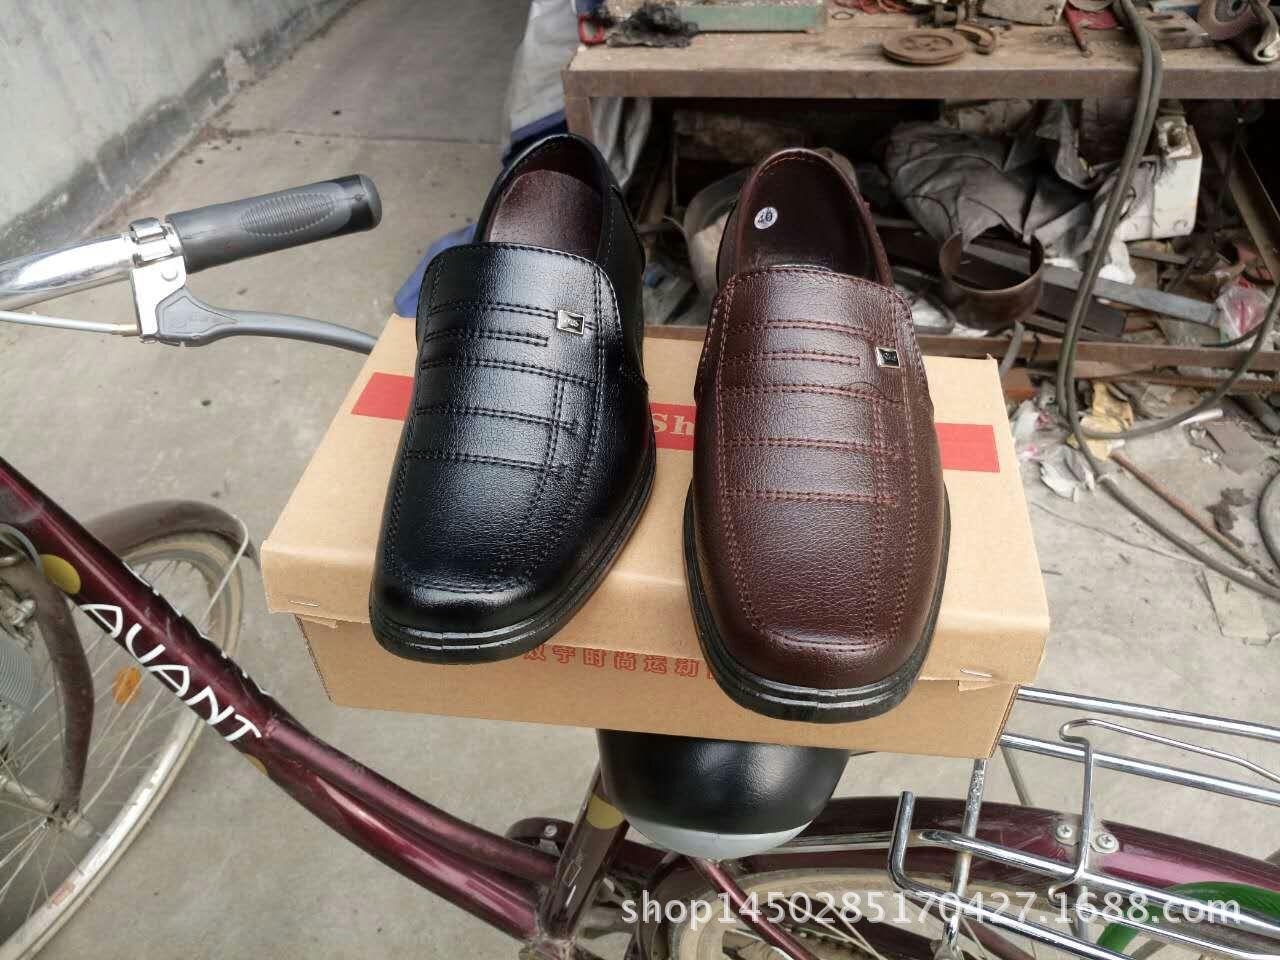 地摊鞋 低价鞋 处理鞋 注塑皮鞋 革面鞋厂家直销正单